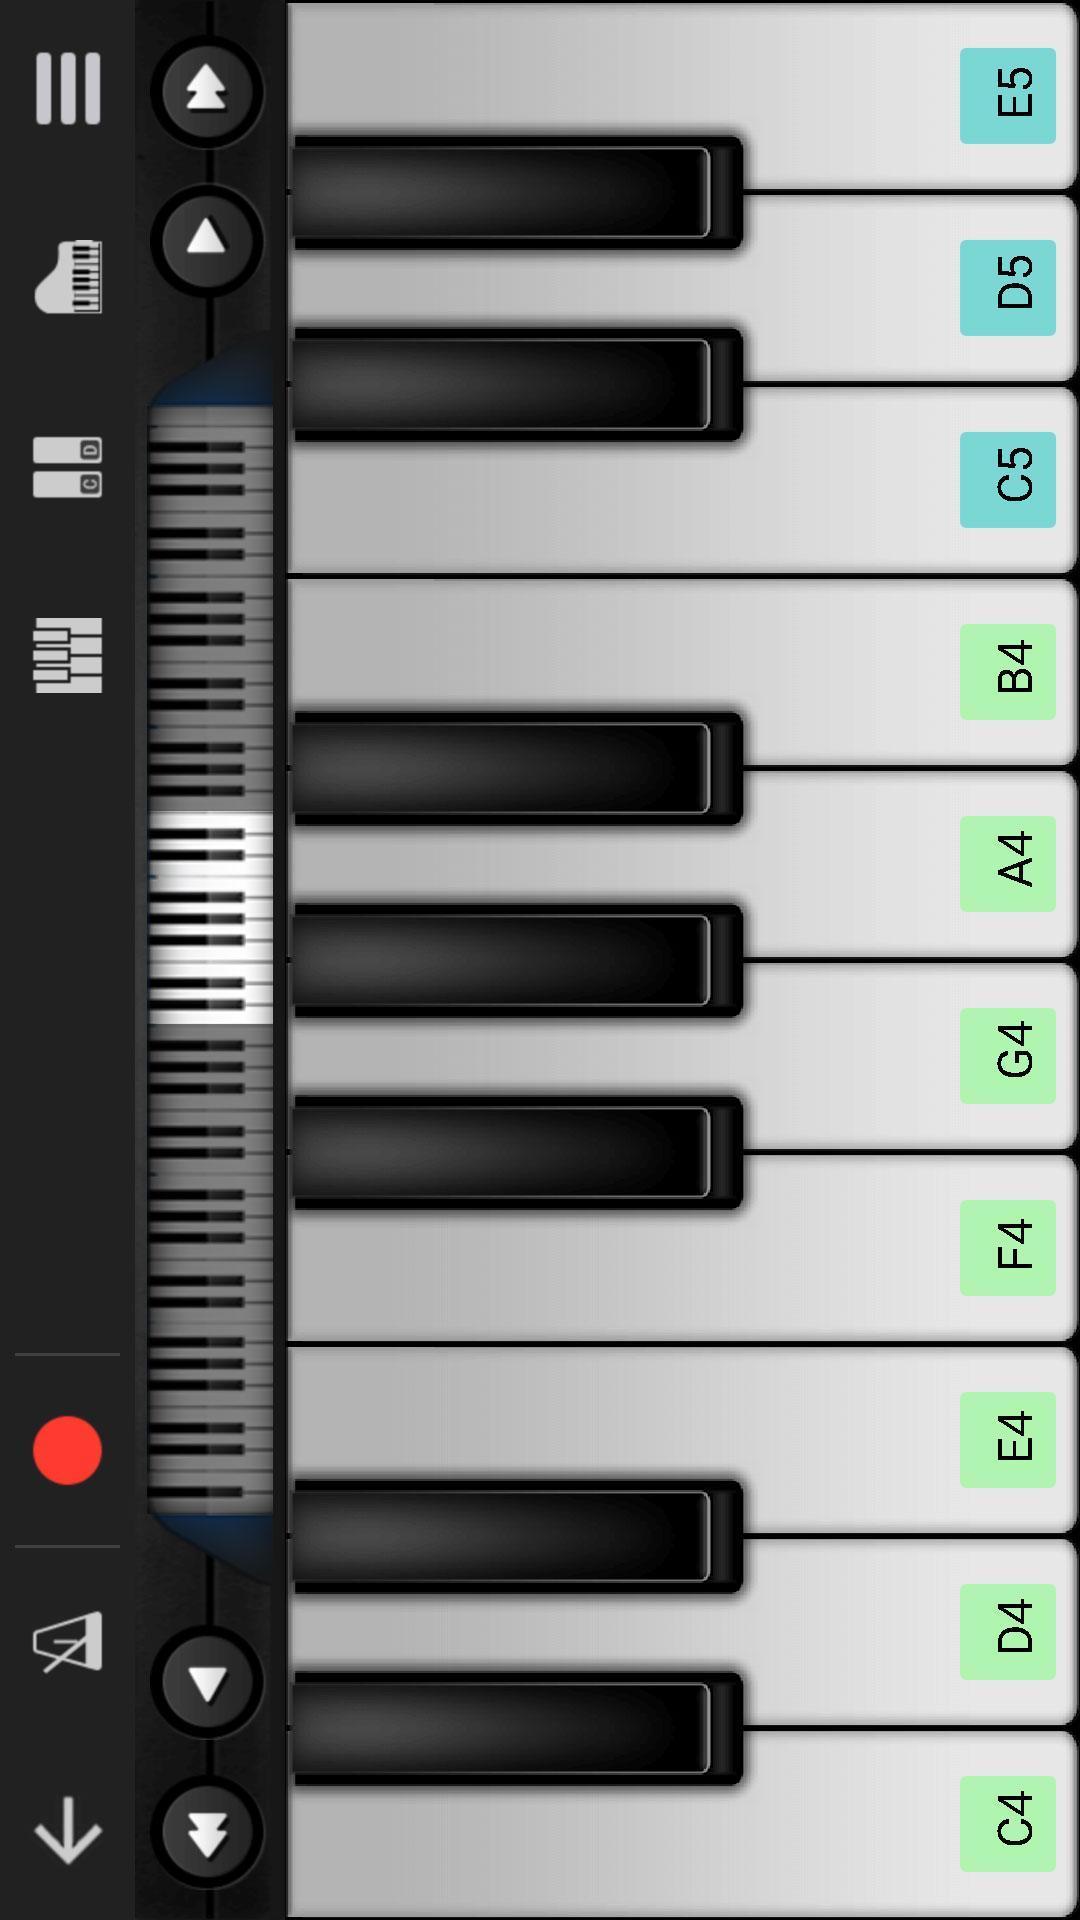 Walk Band Multitracks Music 7.4.1 Screenshot 1